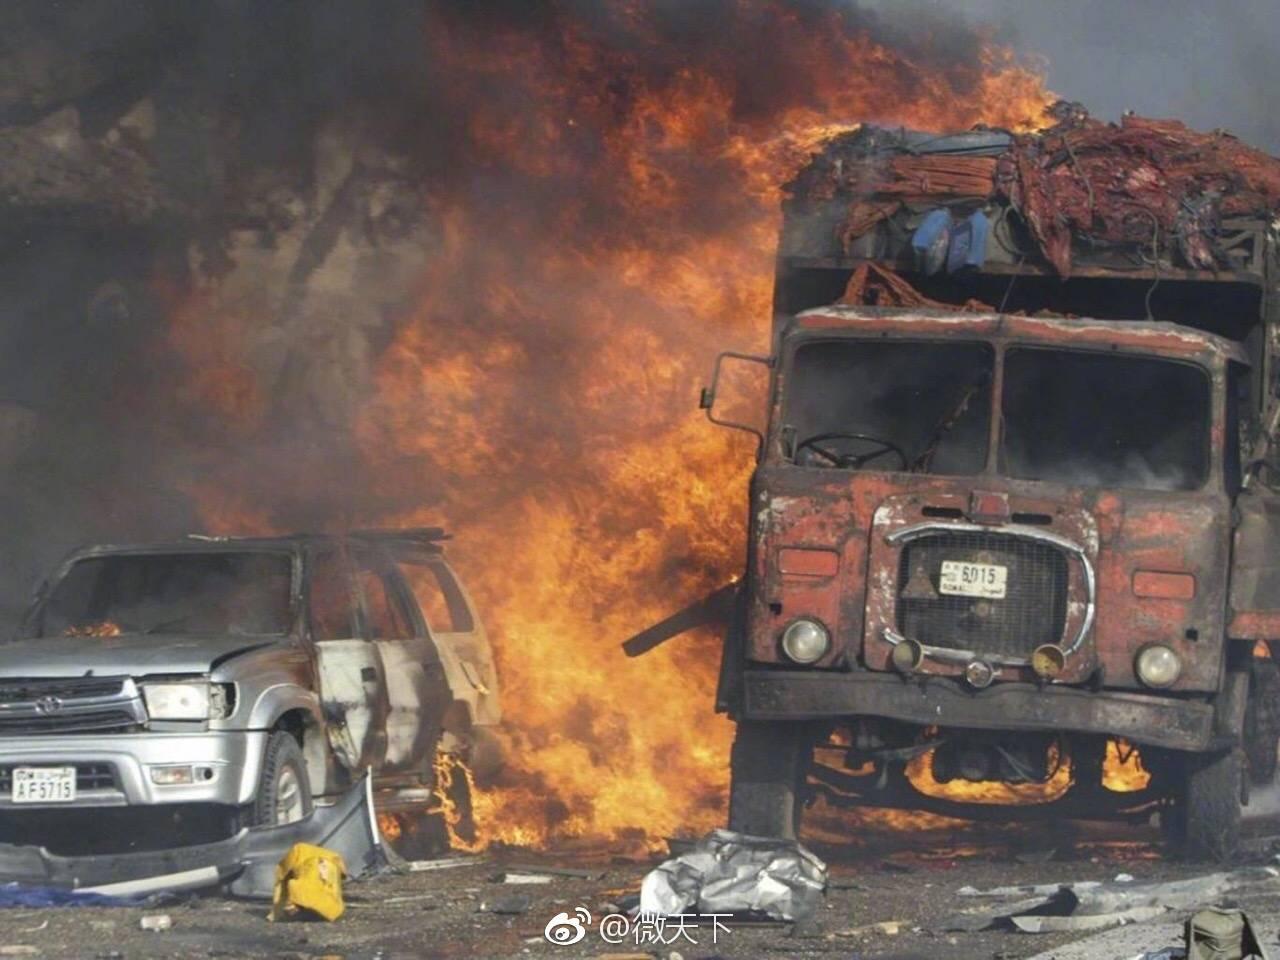 索首都摩加迪沙市区一家酒店附近当天发生汽车炸弹爆炸袭击,造成至少